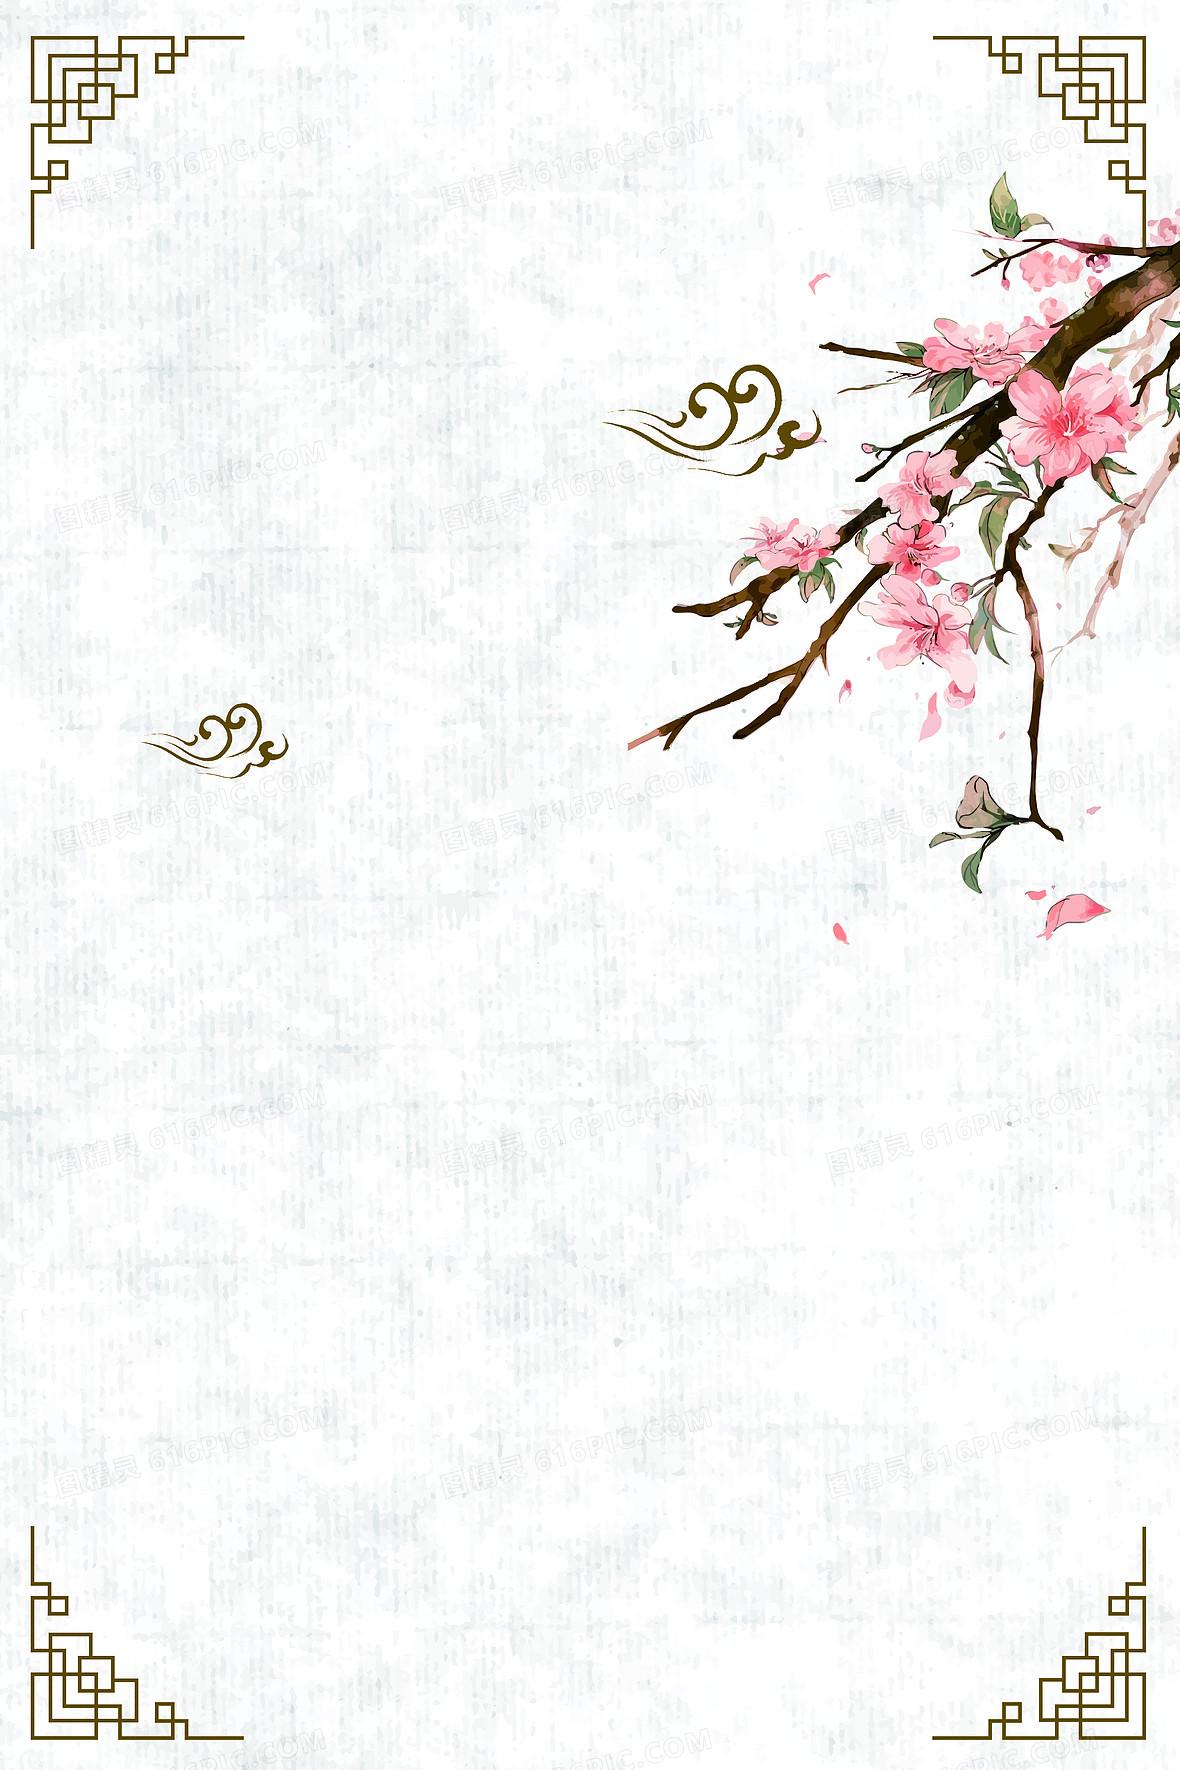 中国风淡绿纹理边框梅花海报背景素材